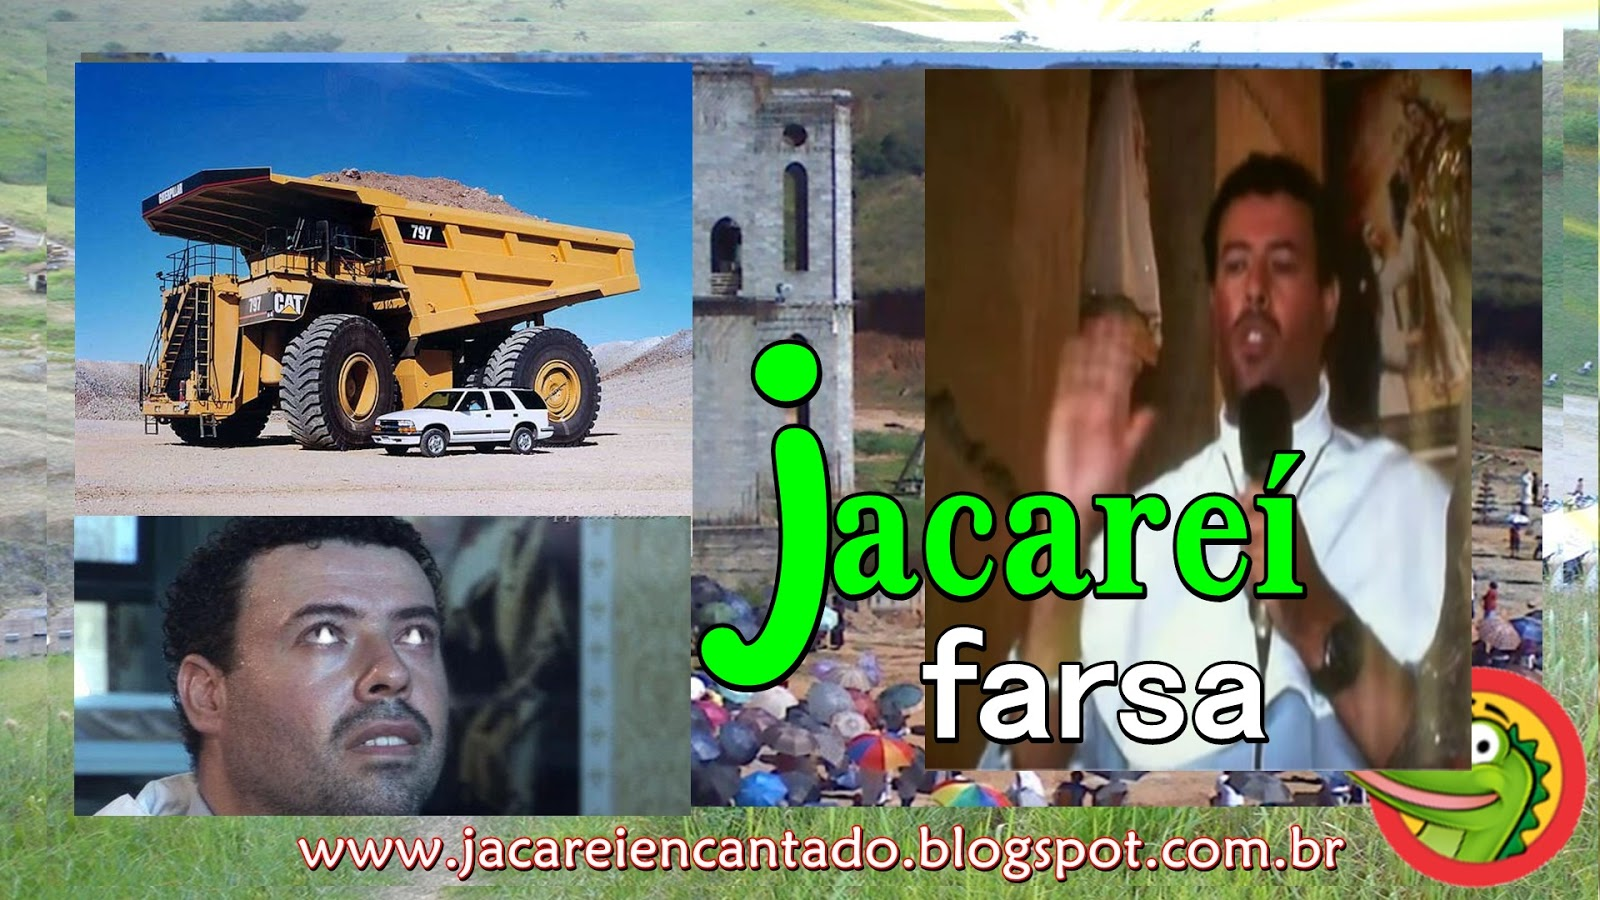 JACAREÍ, 05/03/2017 - ✓ VIDEO 📣 APARIÇÃO ✓ PALESTRA 👇 MENSAGEM DE NOSSA SENHORA RAINHA E MENSAGEIRA DA PAZ COMUNICADA AO SEU VIDENTE MARCOS TADEU